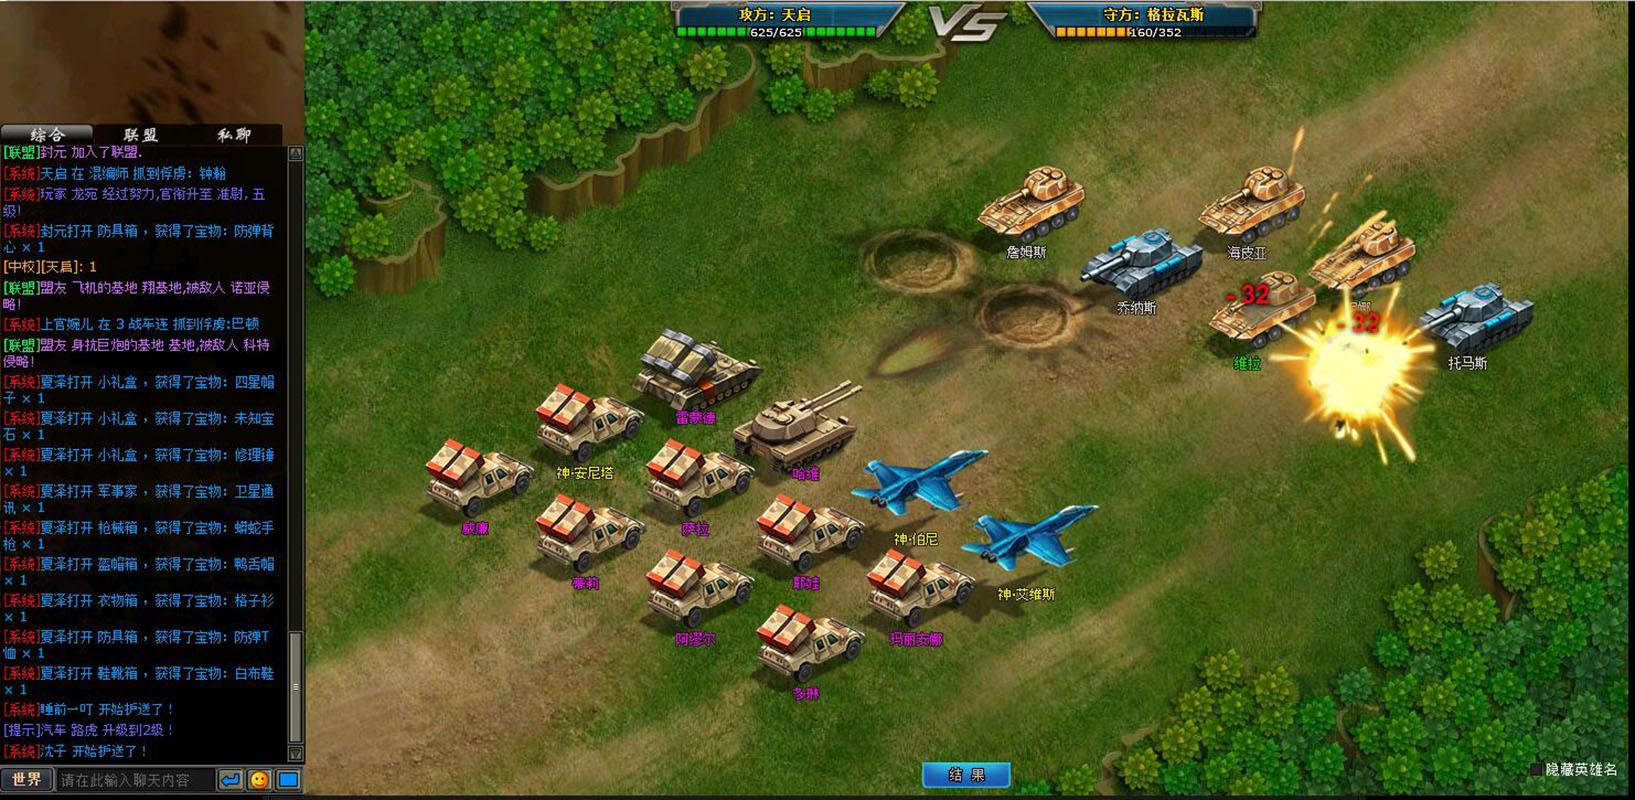 热血红警帝国游戏截图5